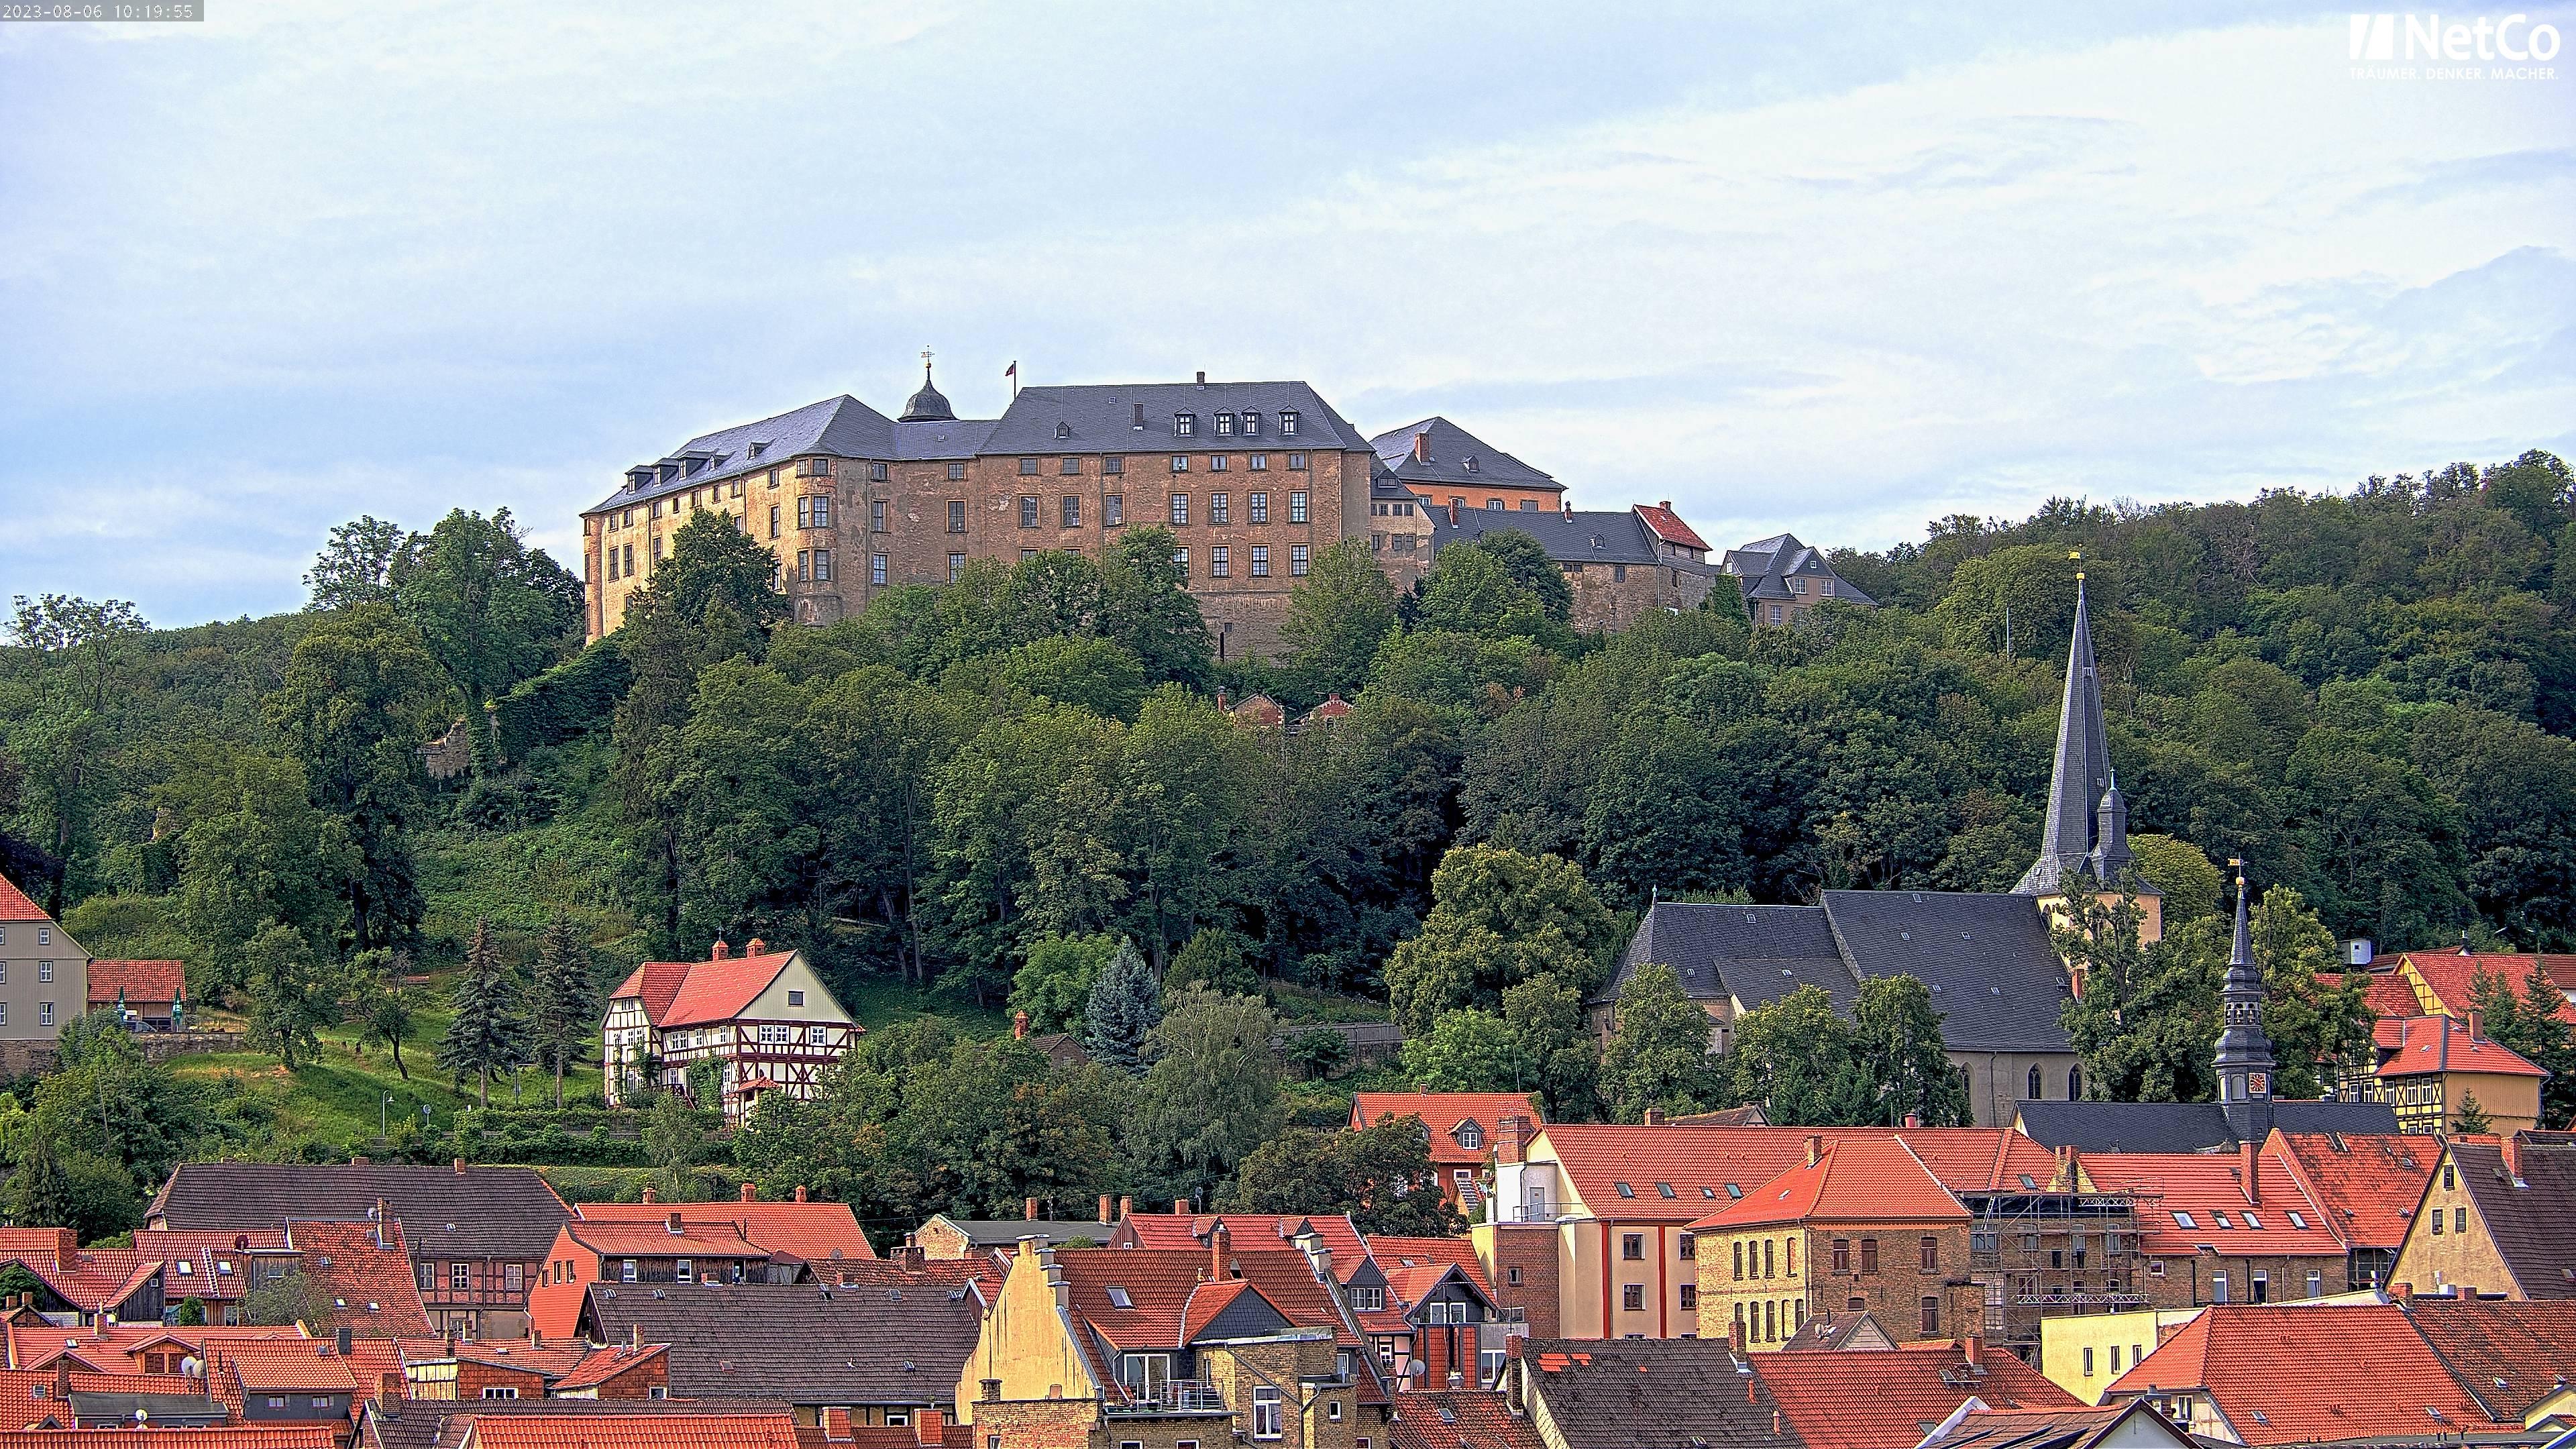 Schloss Werningerode